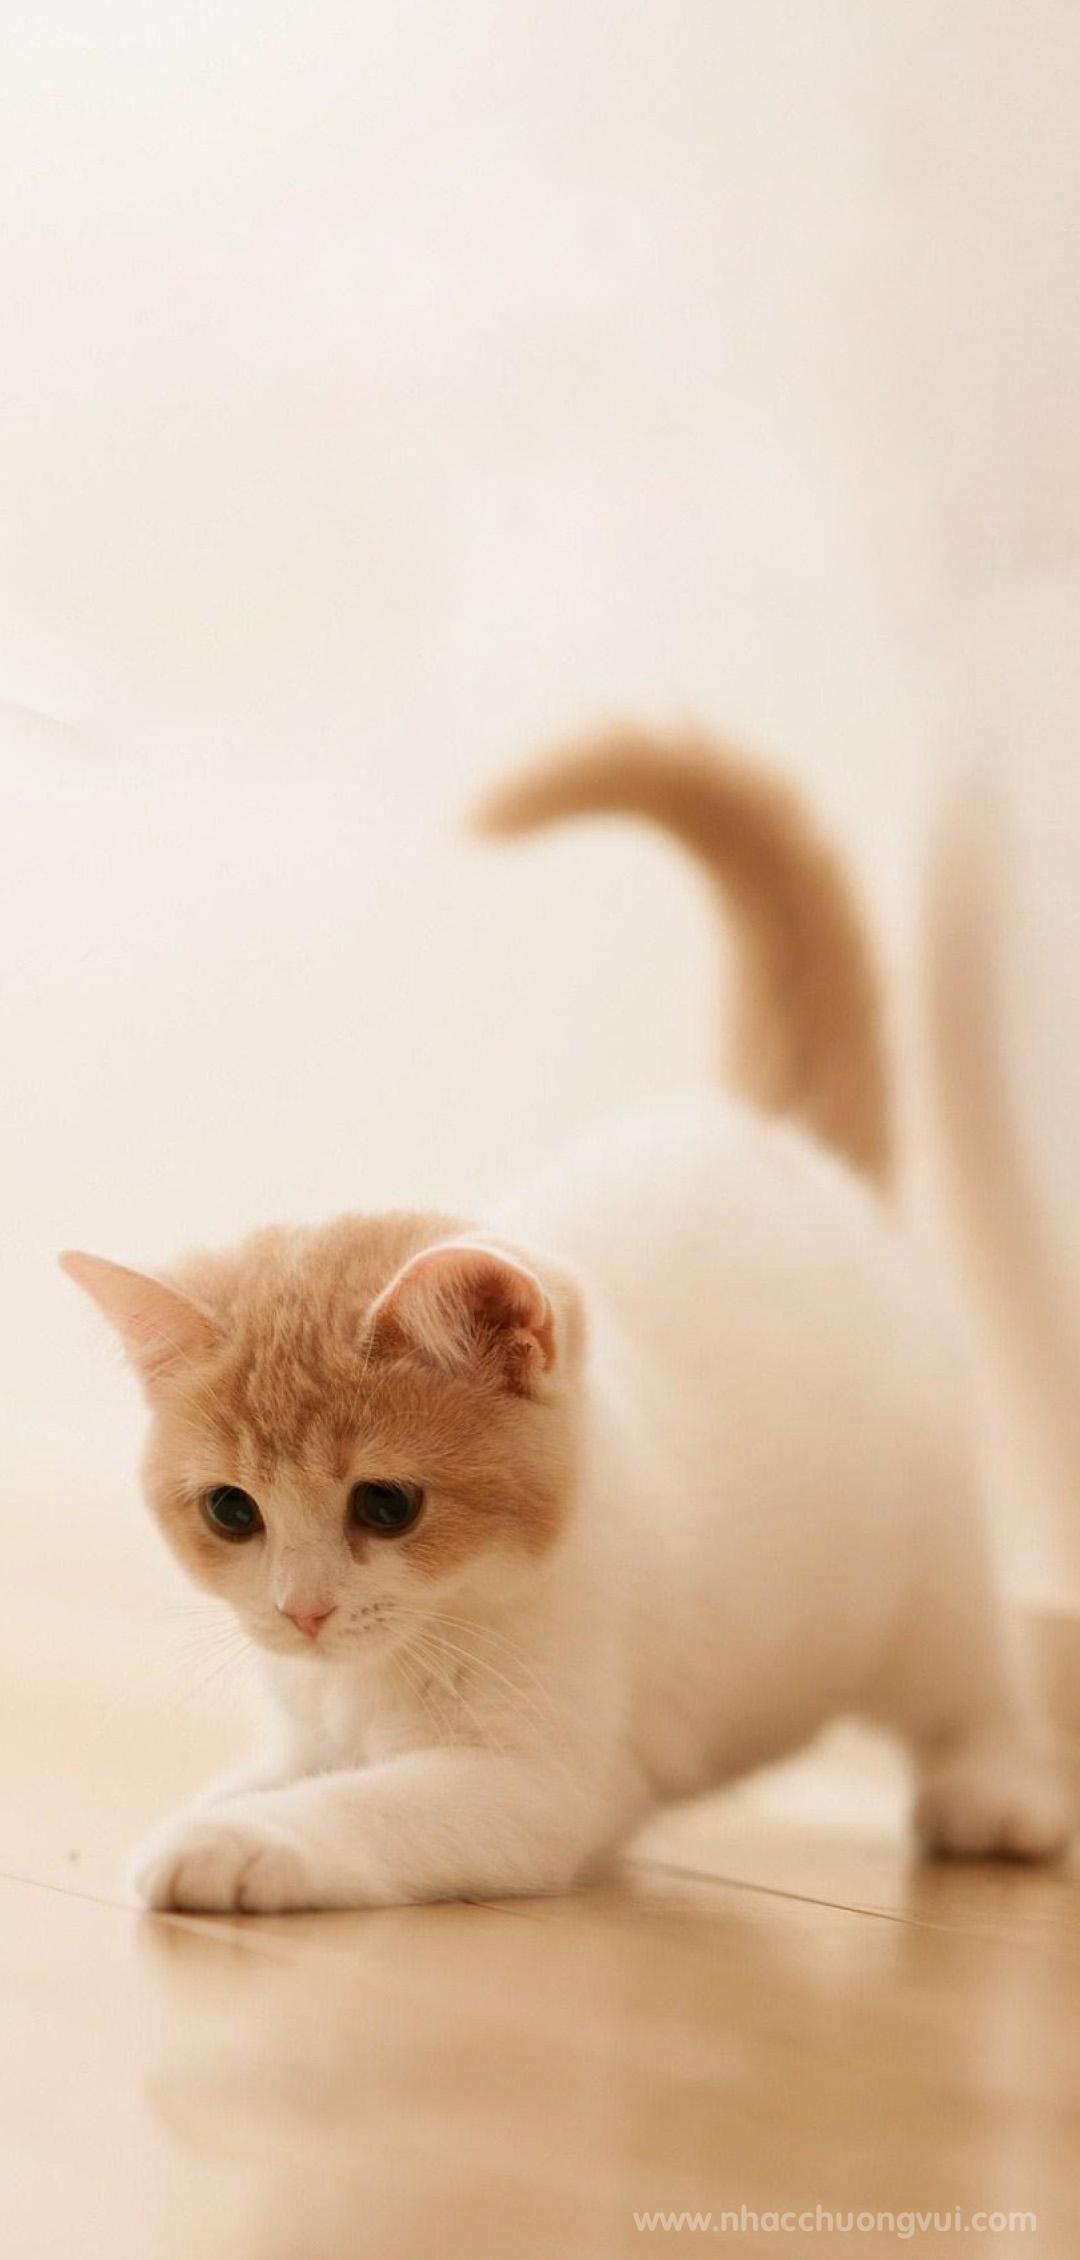 Hình nền mèo cho điện thoại dễ thương nhất 9